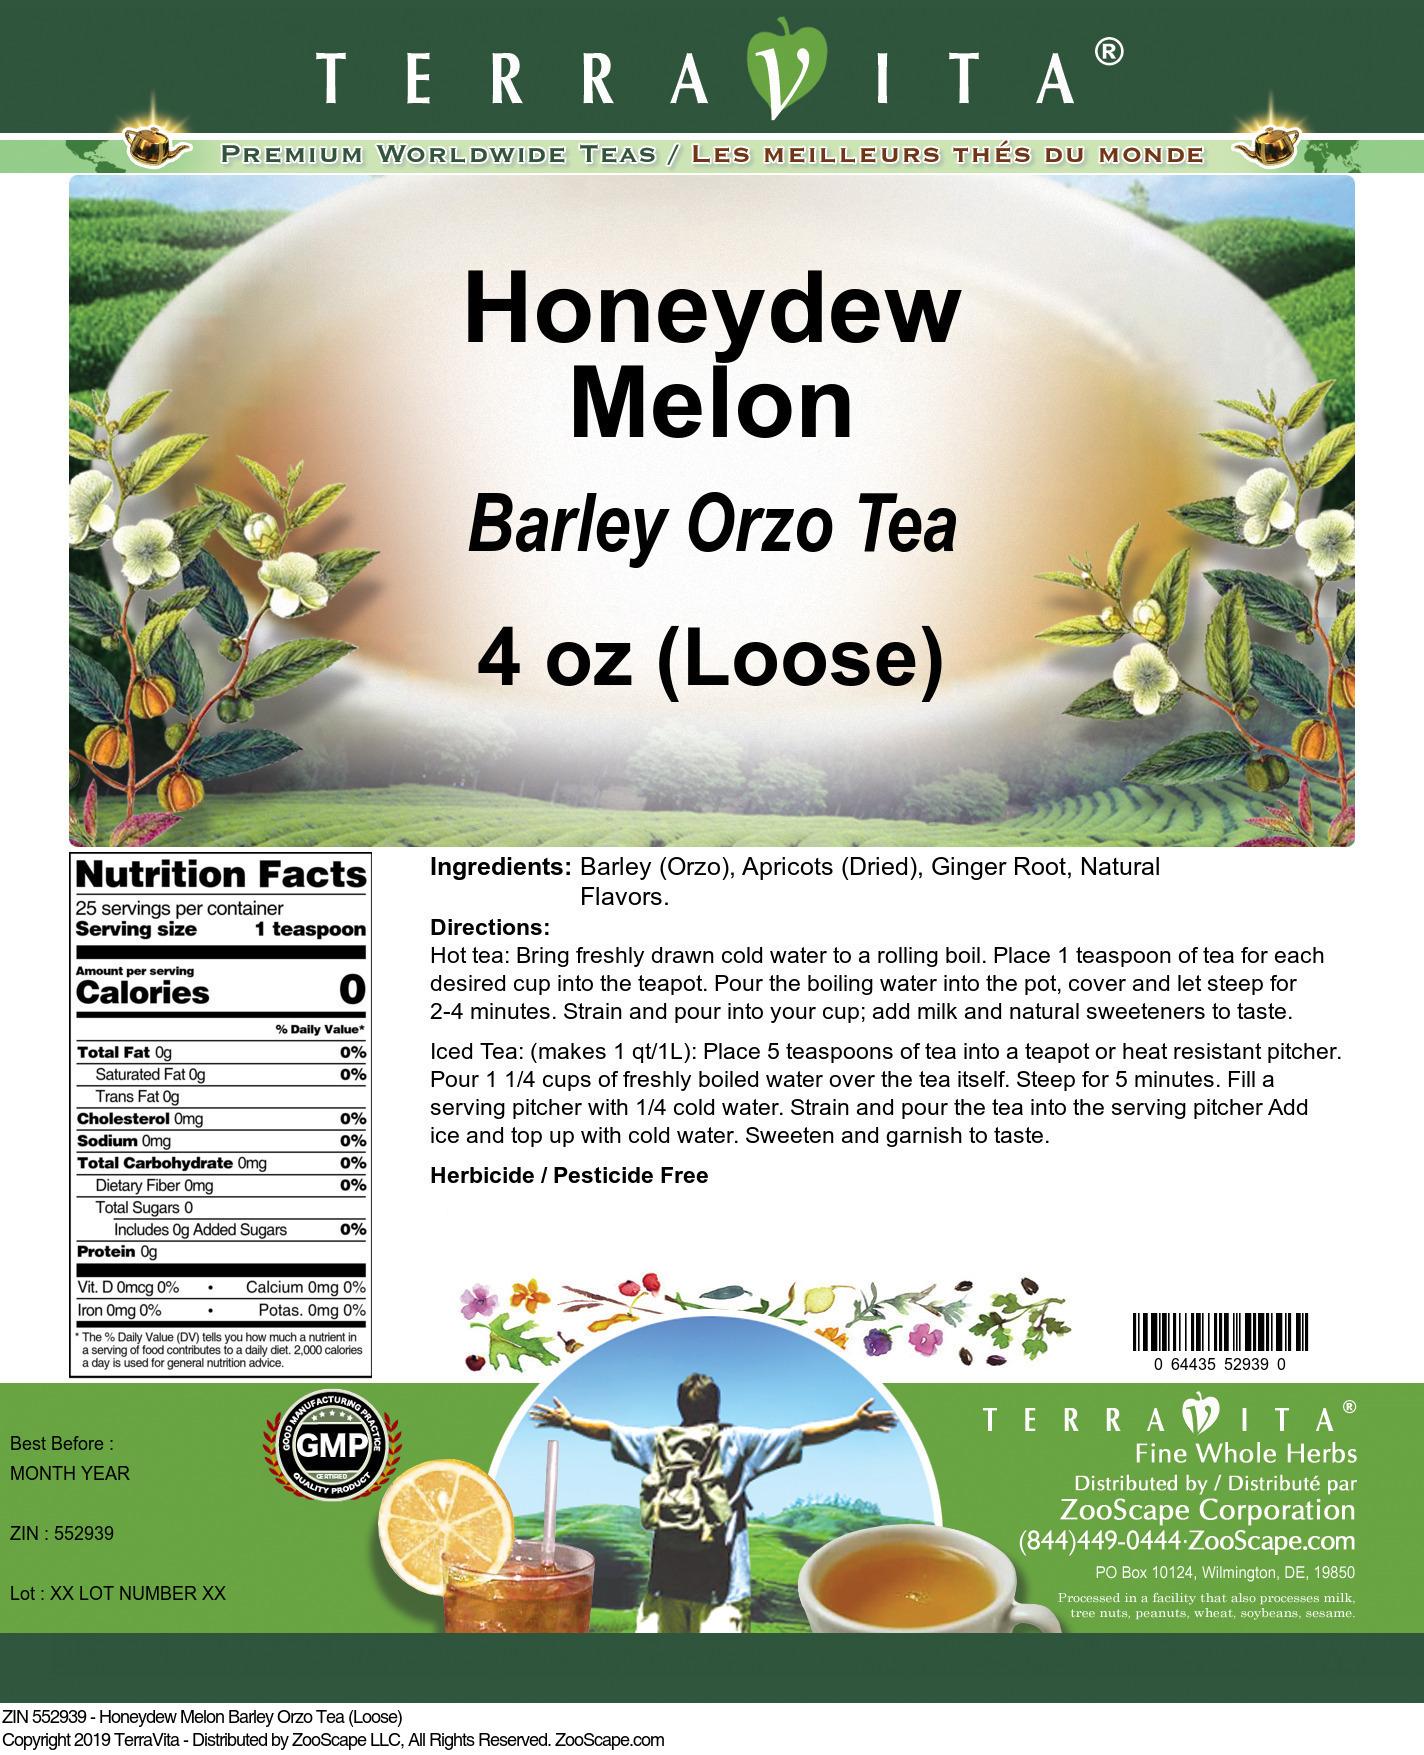 Honeydew Melon Barley Orzo Tea (Loose)